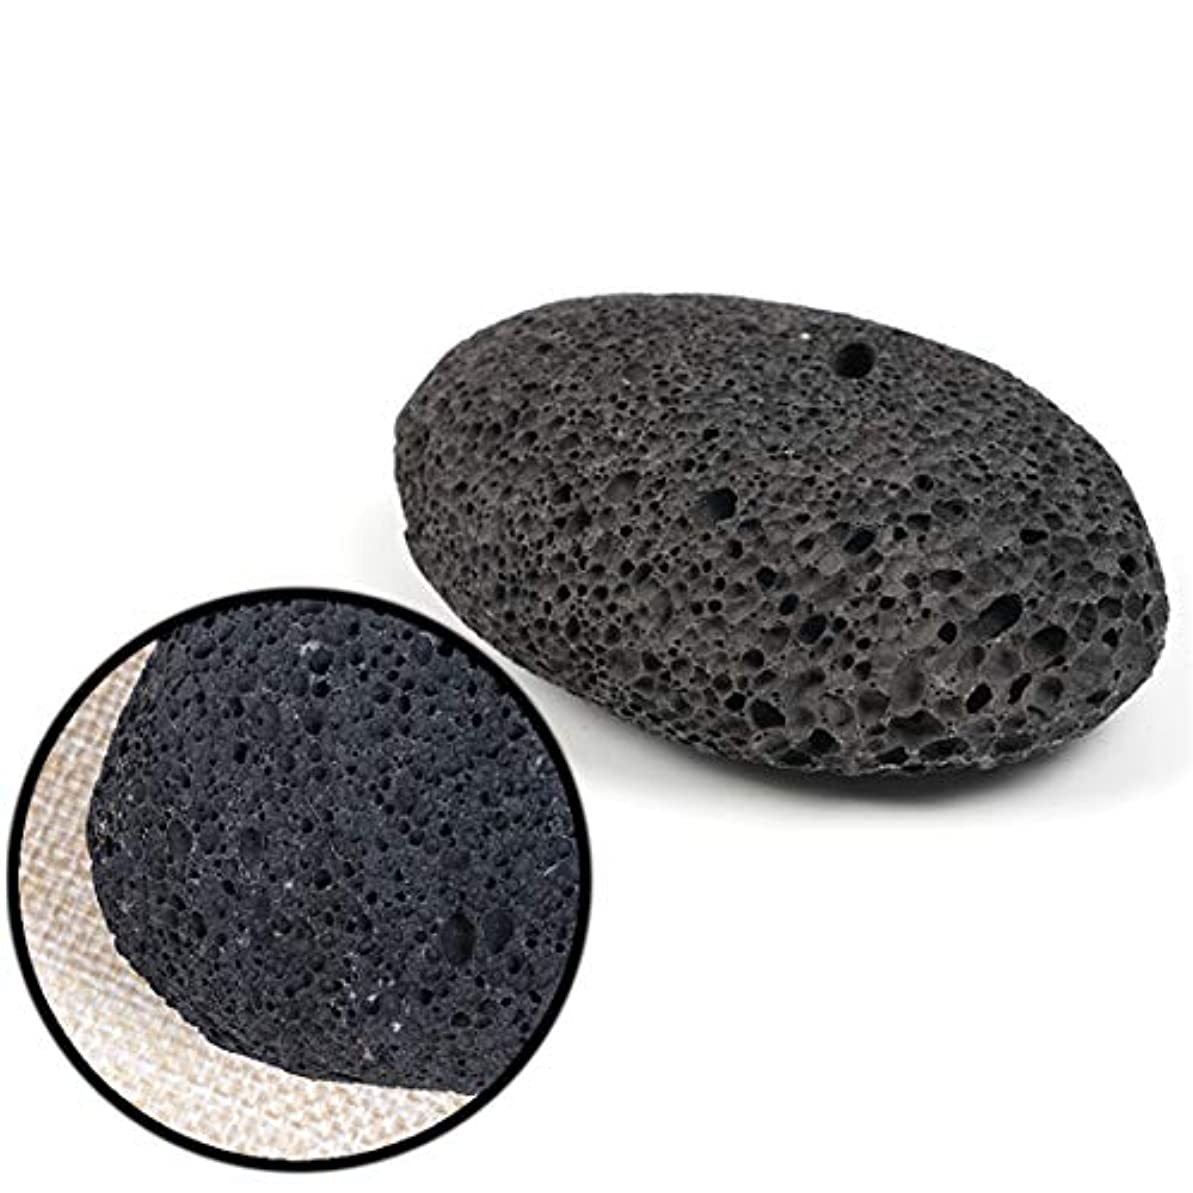 バブル縁石代替天然溶岩軽石火山岩石スクラブデッドスキンカルスリムーバーケアフットスキンケアツール